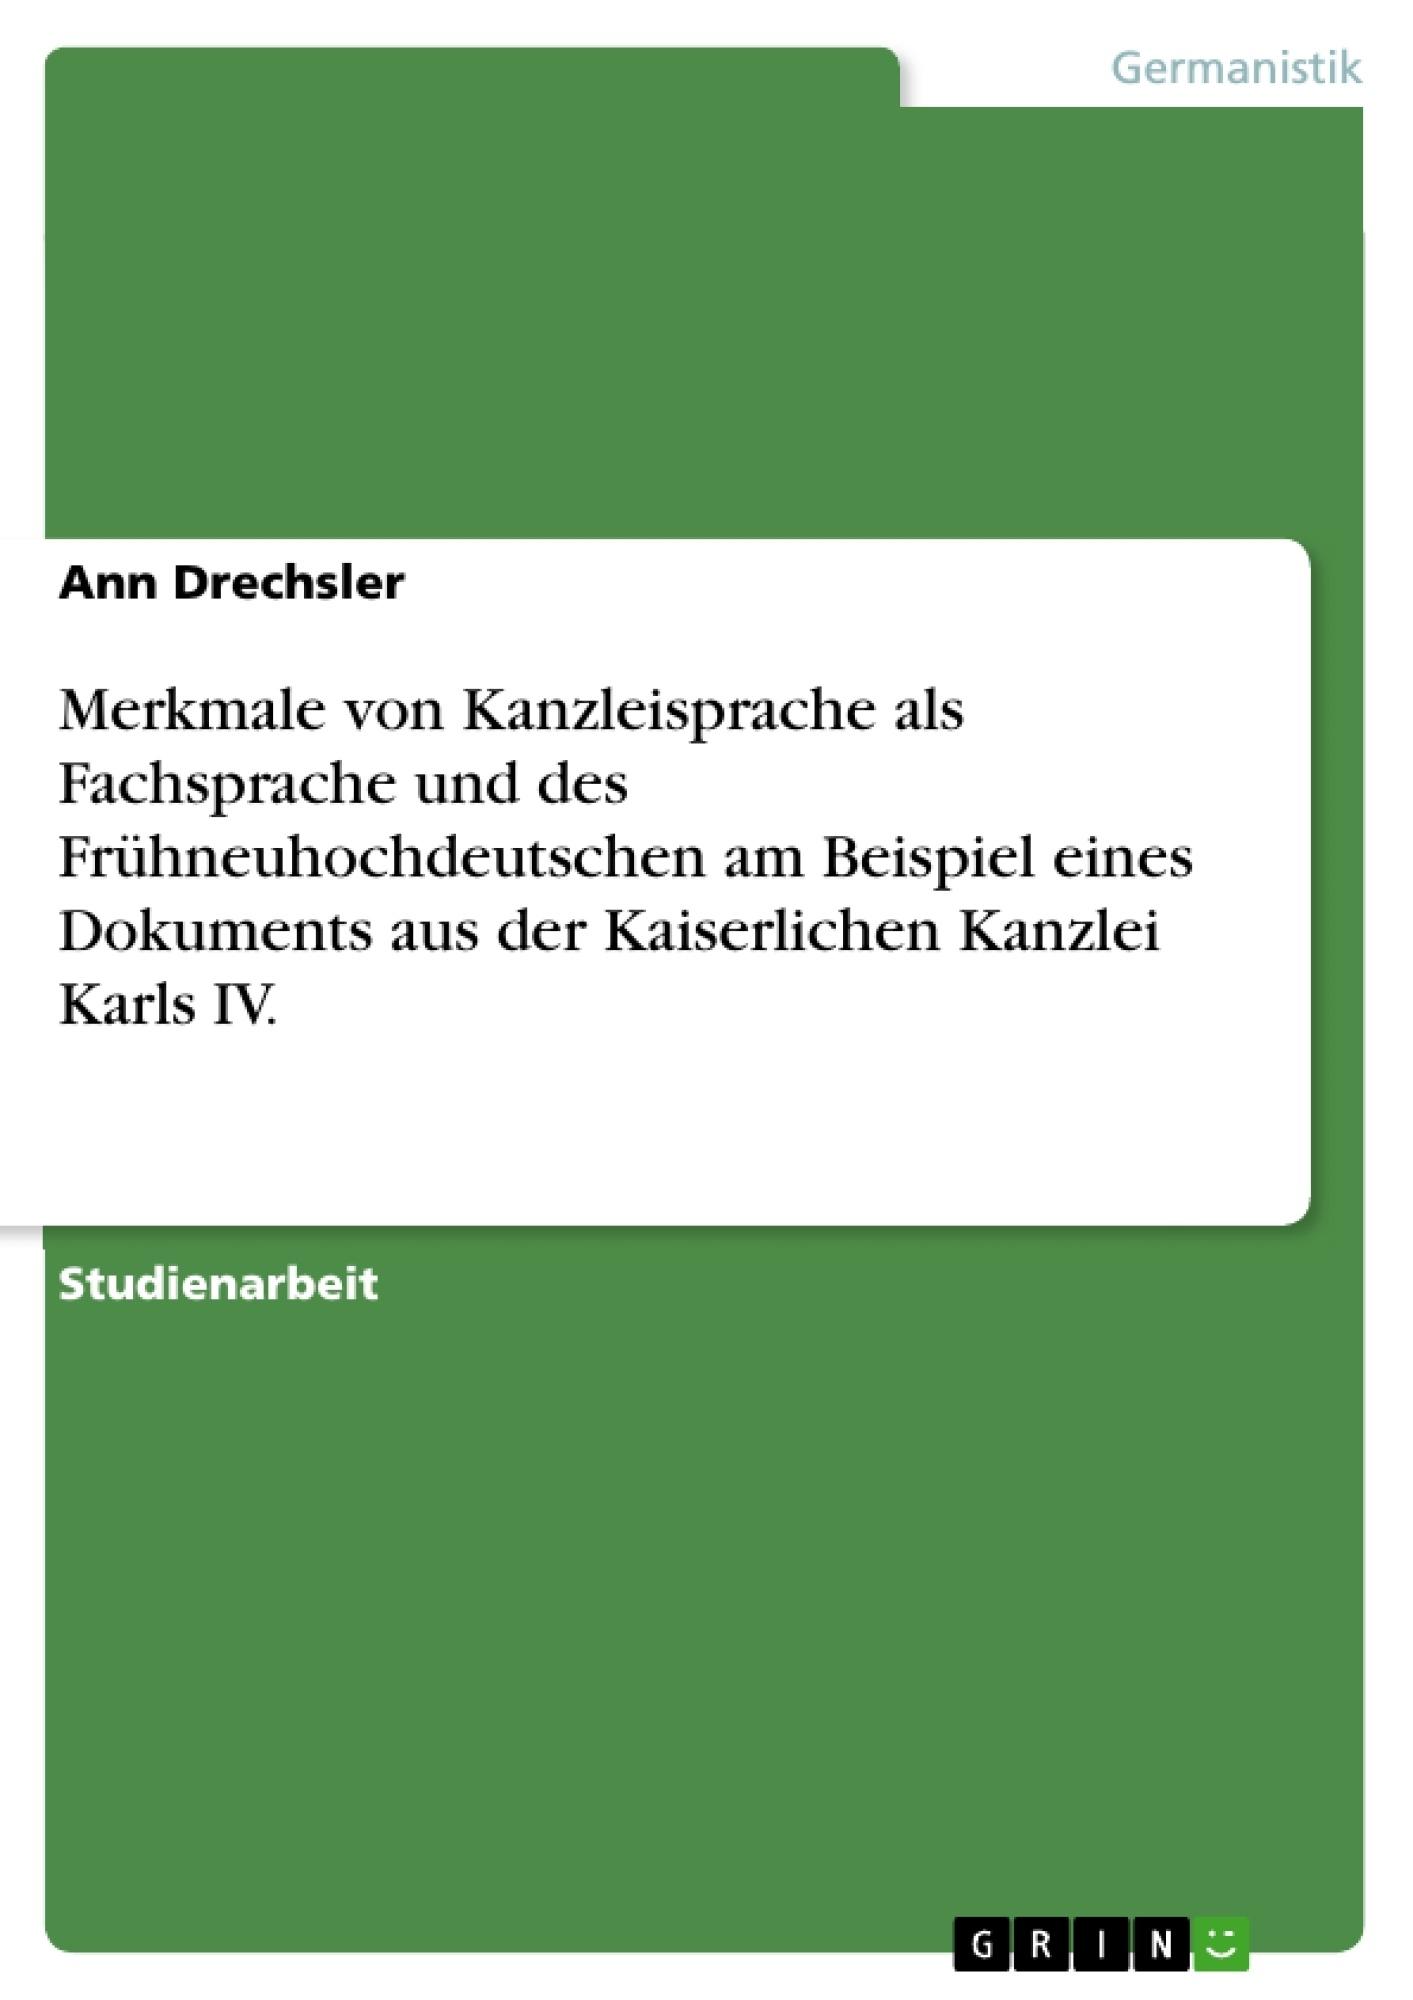 Titel: Merkmale von Kanzleisprache als Fachsprache und des Frühneuhochdeutschen am Beispiel eines Dokuments aus der Kaiserlichen Kanzlei Karls IV.